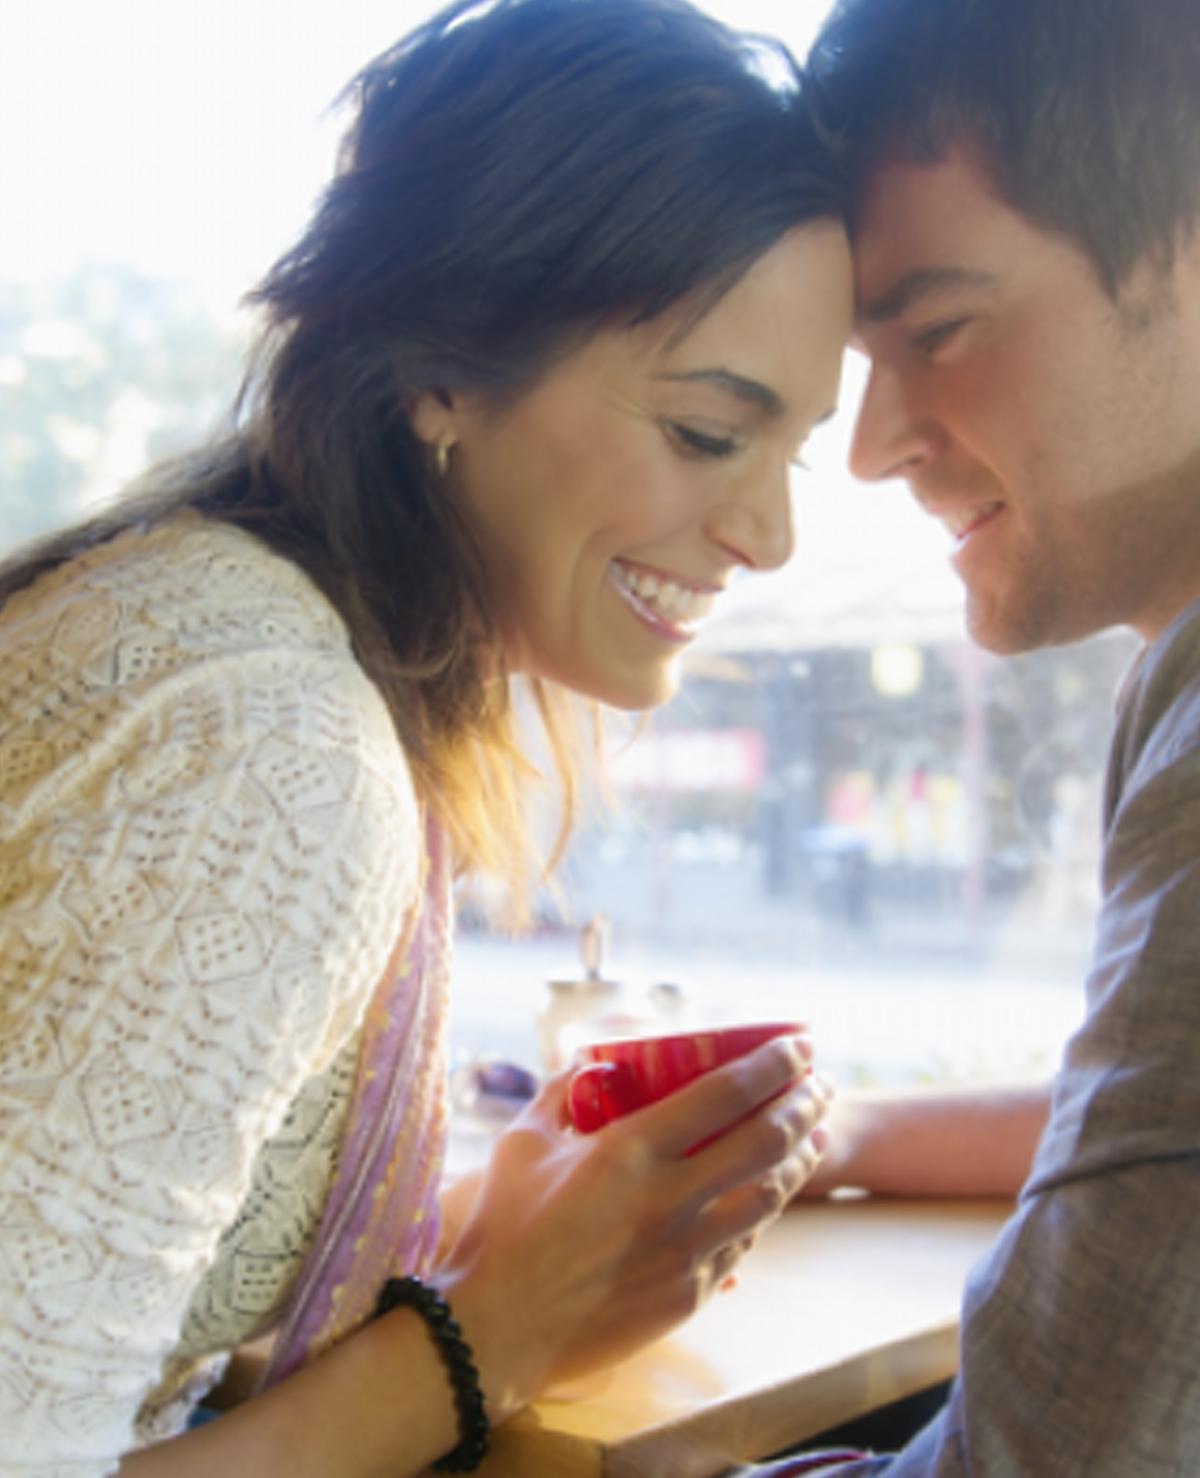 Deze 6 kenmerken vinden mannen aantrekkelijk bij een vrouw